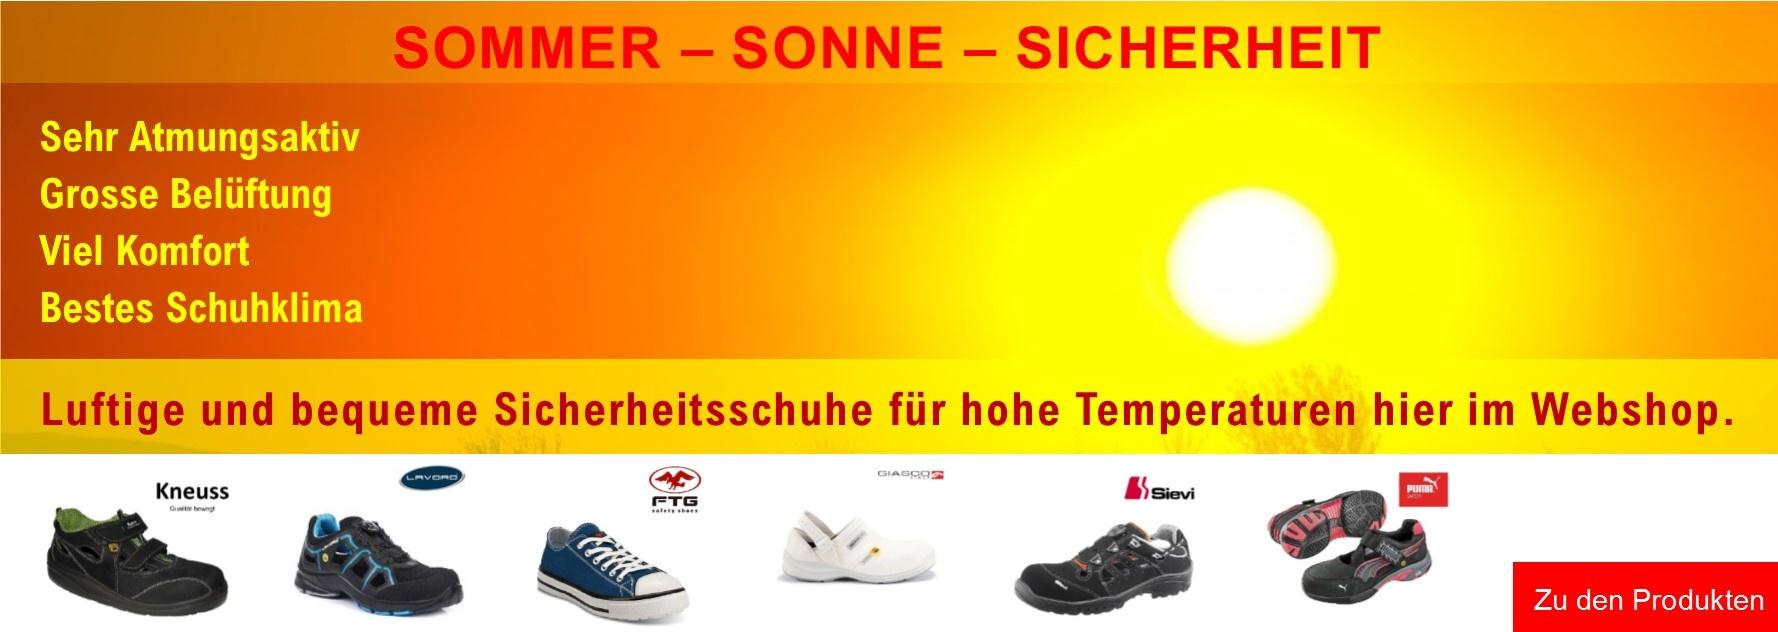 Sommer Slider